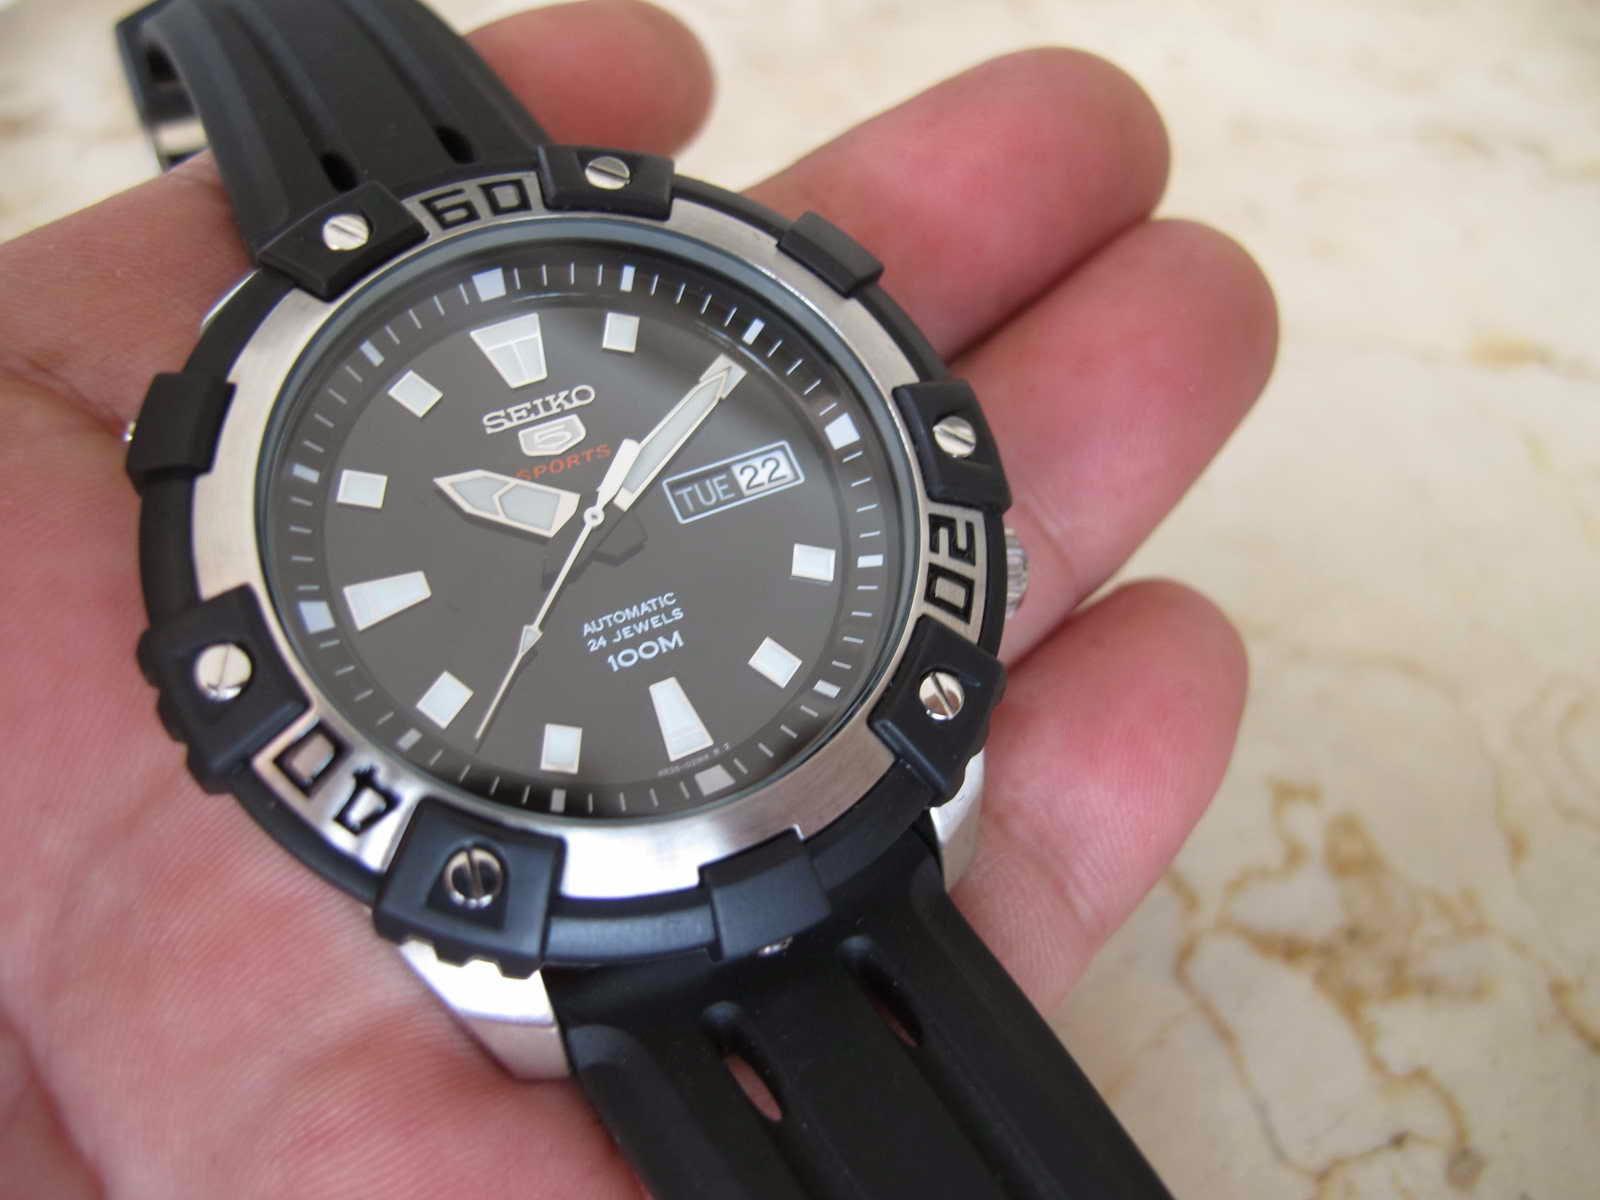 Berikut dengan crown 48 mm... Panjang lug atas ke bawah 50 mm... Tebal case  13 mm dan lebar lug 22 mm... Kondisi Brand New Watch... lengkap dengan box ceb1265f01